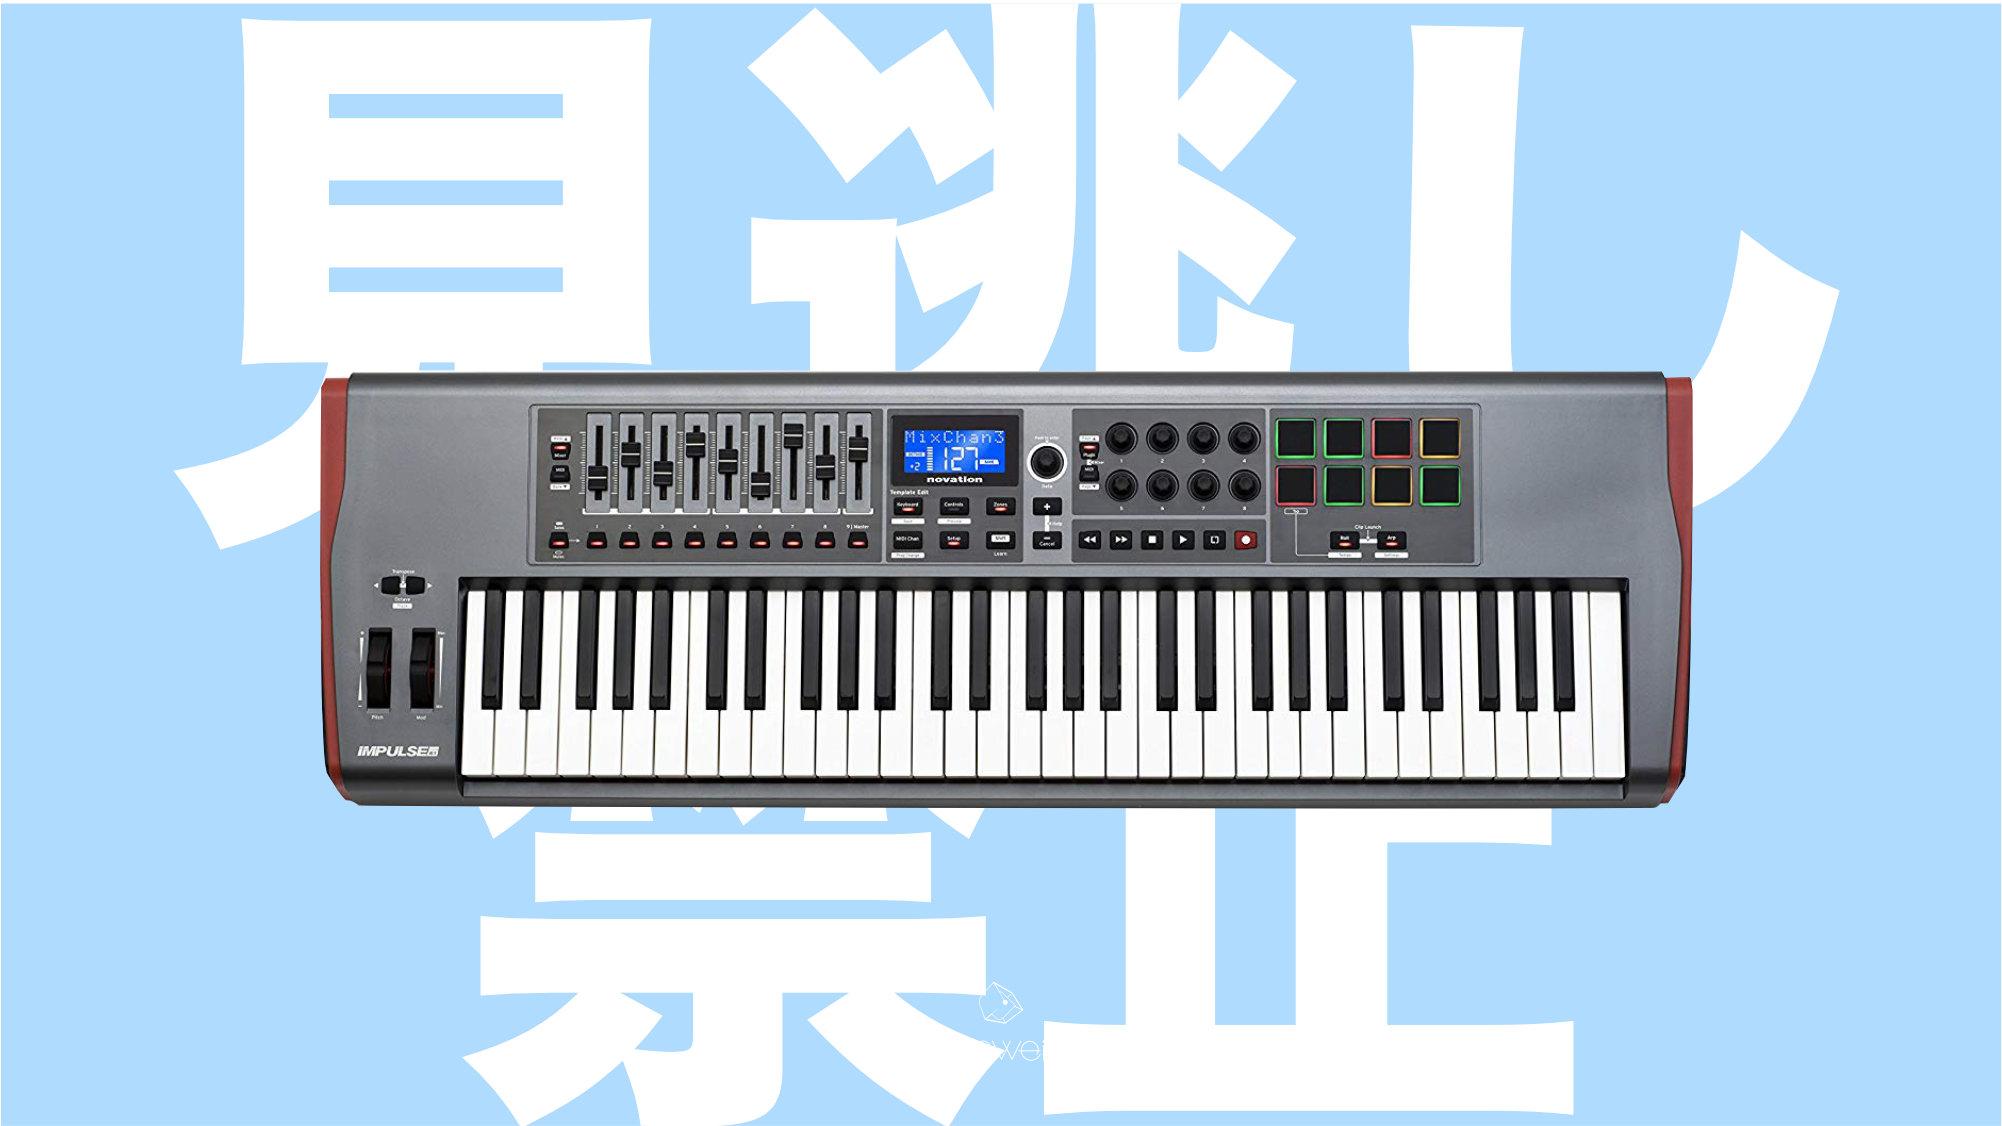 現在買 Novation 就附贈 Ableton Live Lite 版序號,同時還可以獲得一套 XLNaudio 的 的鍵盤音色。